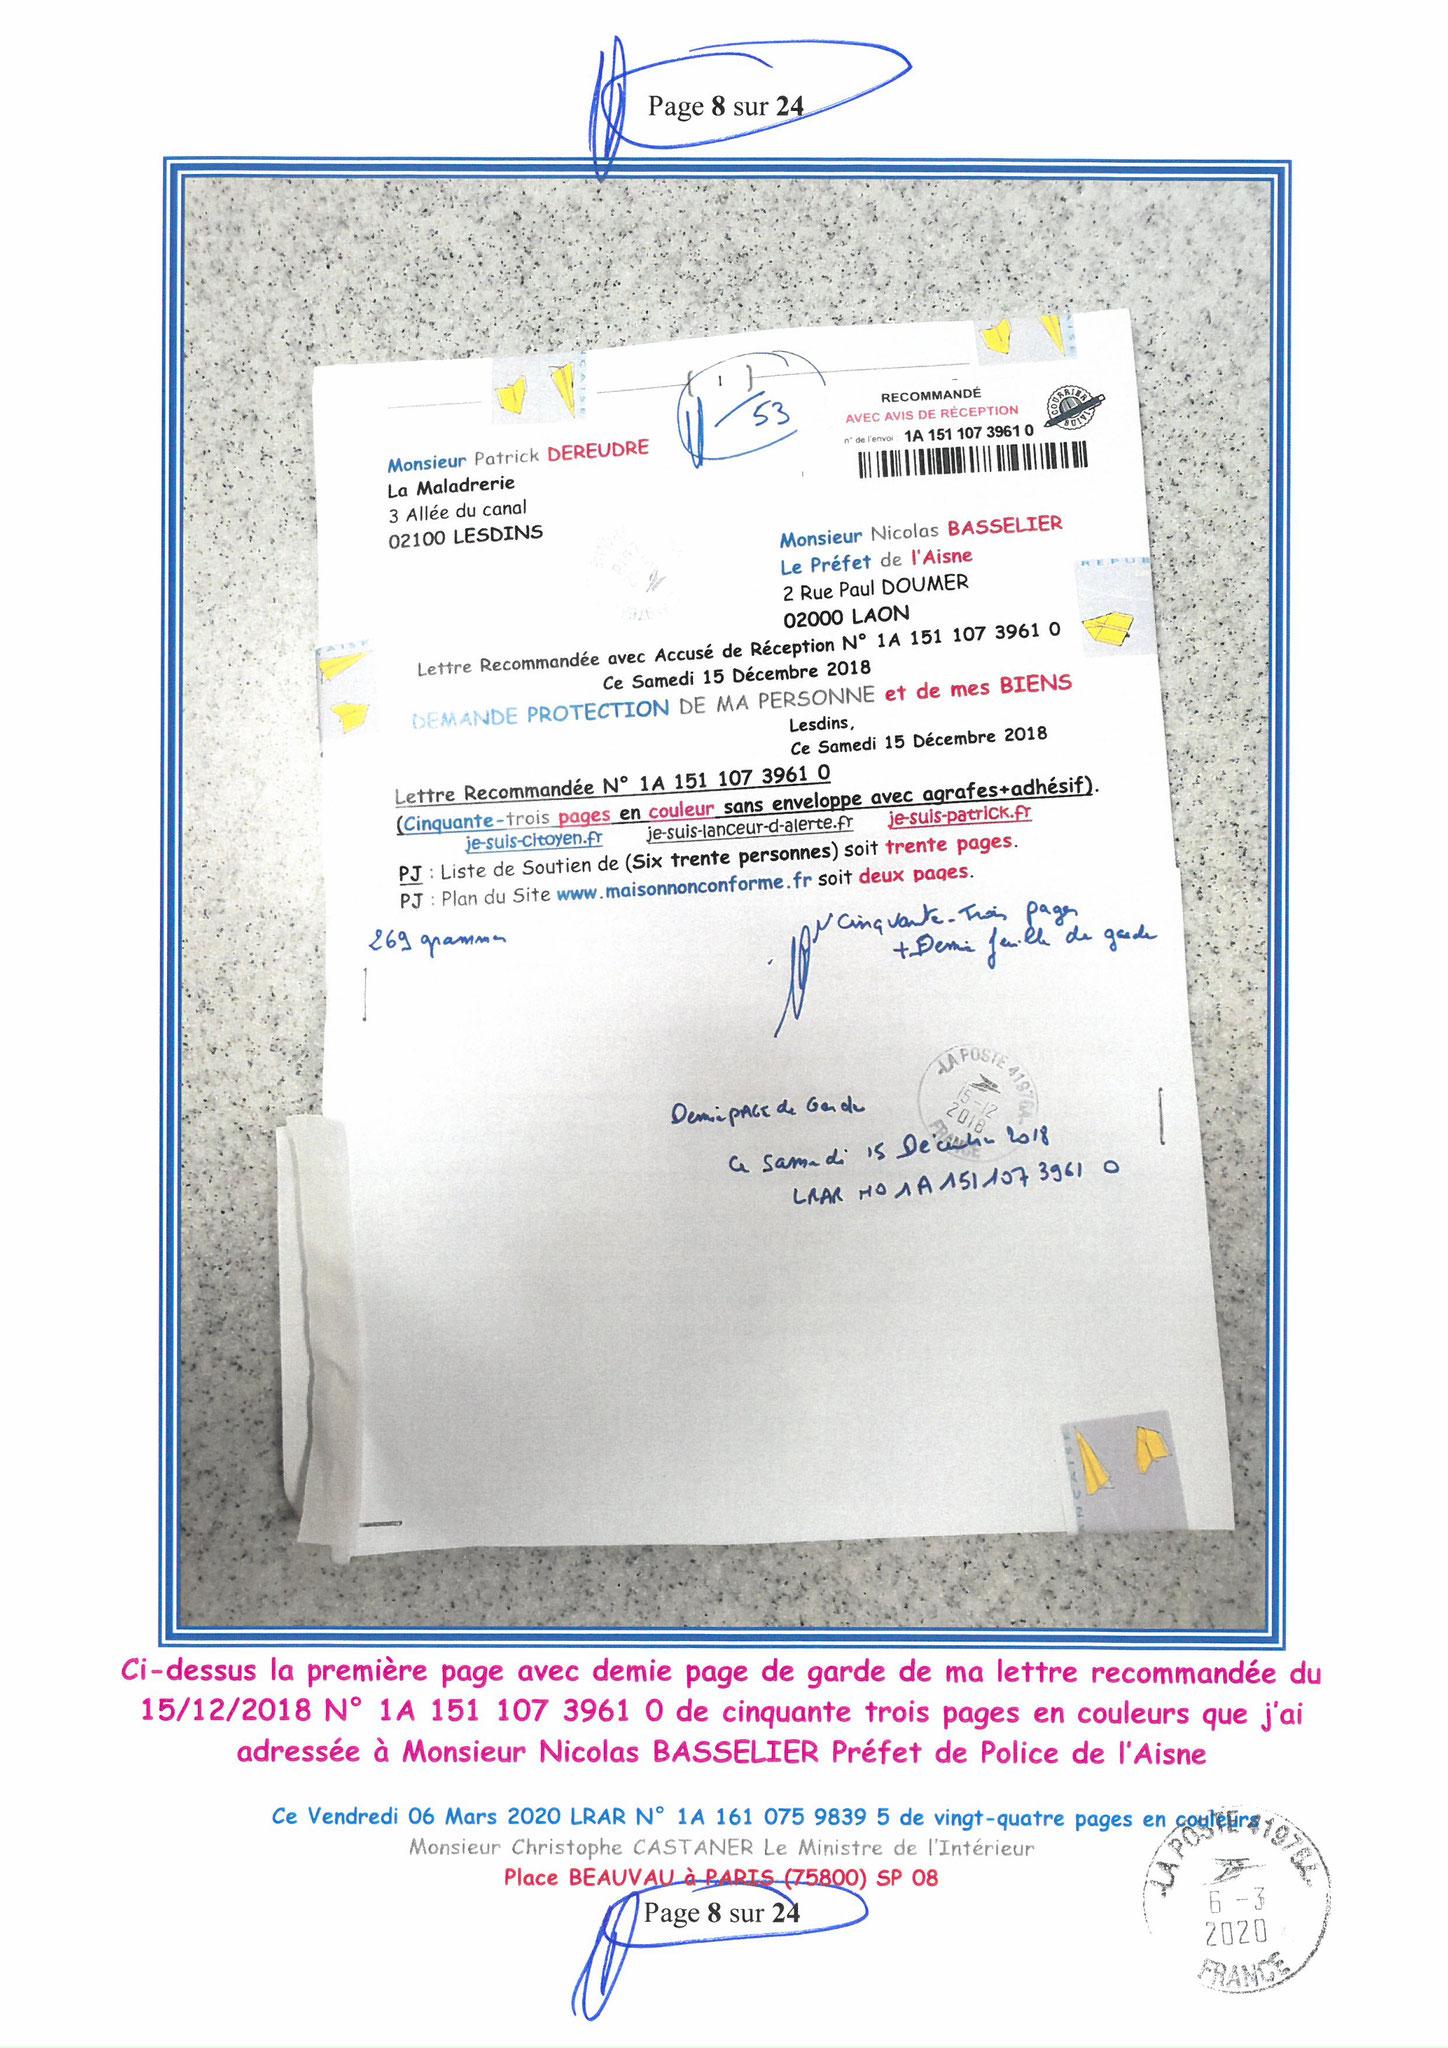 Ma LRAR à Monsieur le Ministre de l'Intérieur Christophe CASTANER N°1A 161 075 9839 5  Page 8 sur 24 en couleur du 06 Mars 2020  www.jesuispatrick.fr www.jesuisvictime.fr www.alerte-rouge-france.fr